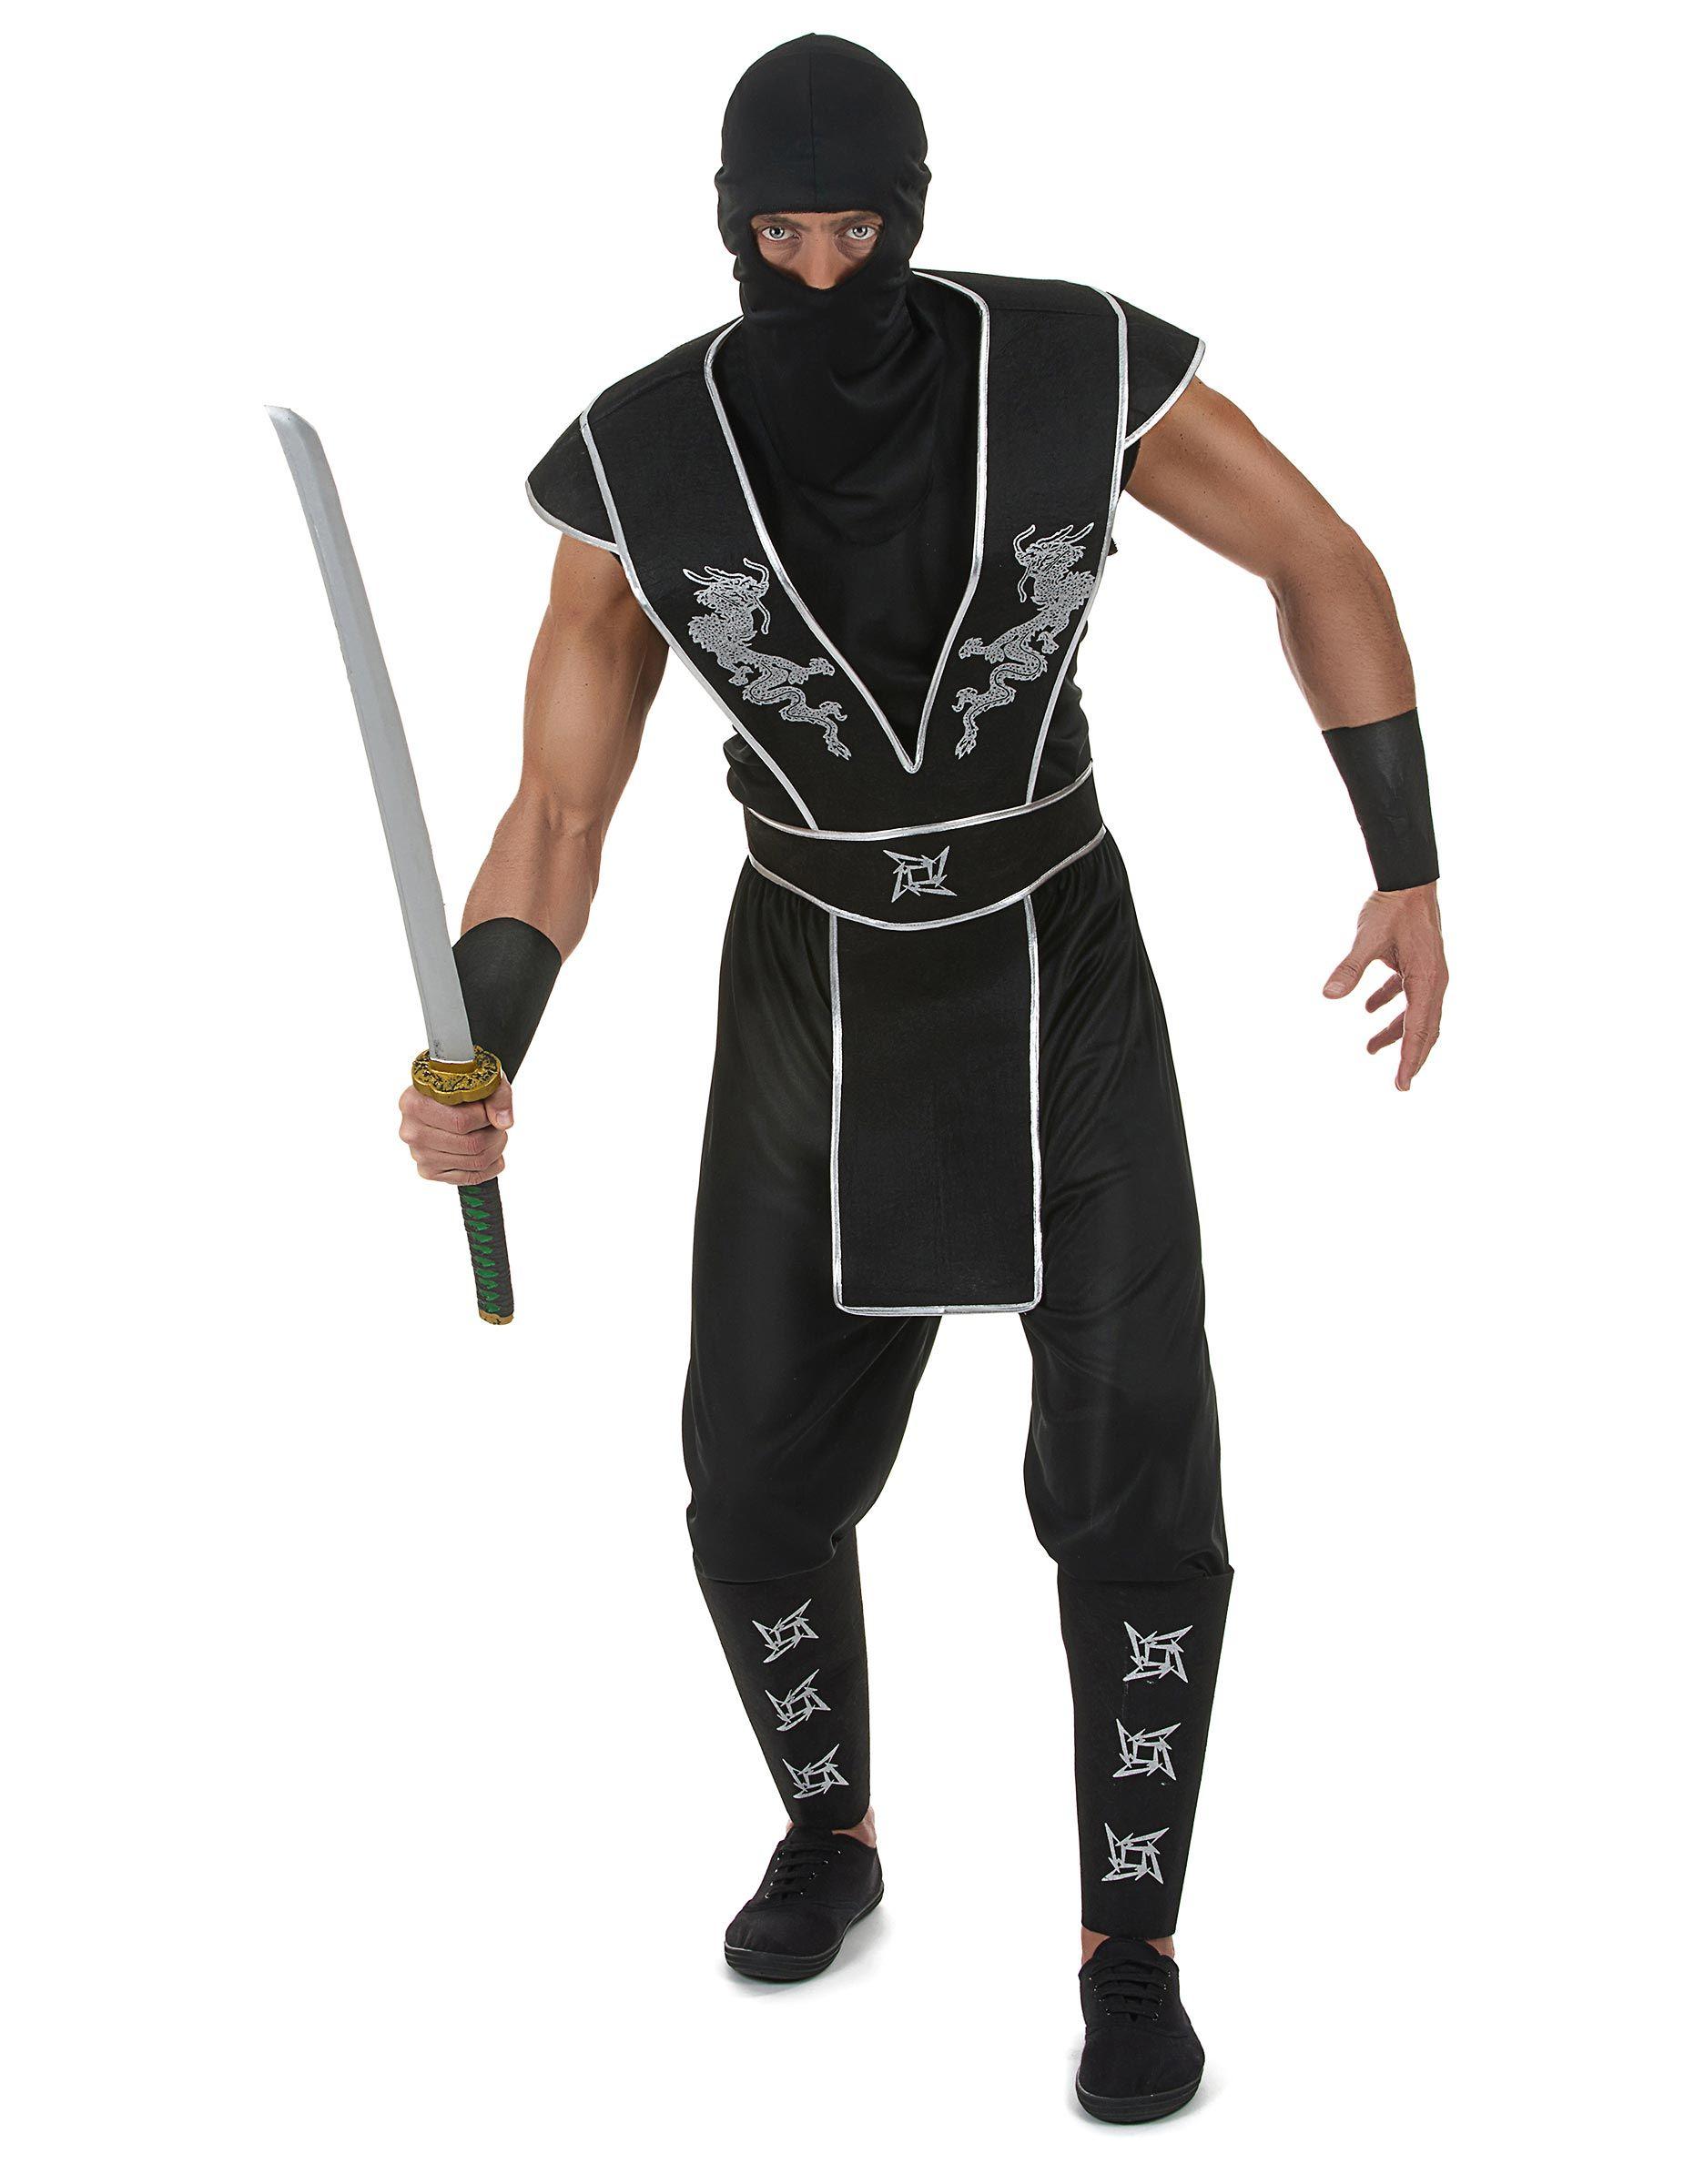 e6d76cd507c Disfraz de ninja estrella Shuriken hombre  Este disfraz de ninja para  hombre incluye camiseta